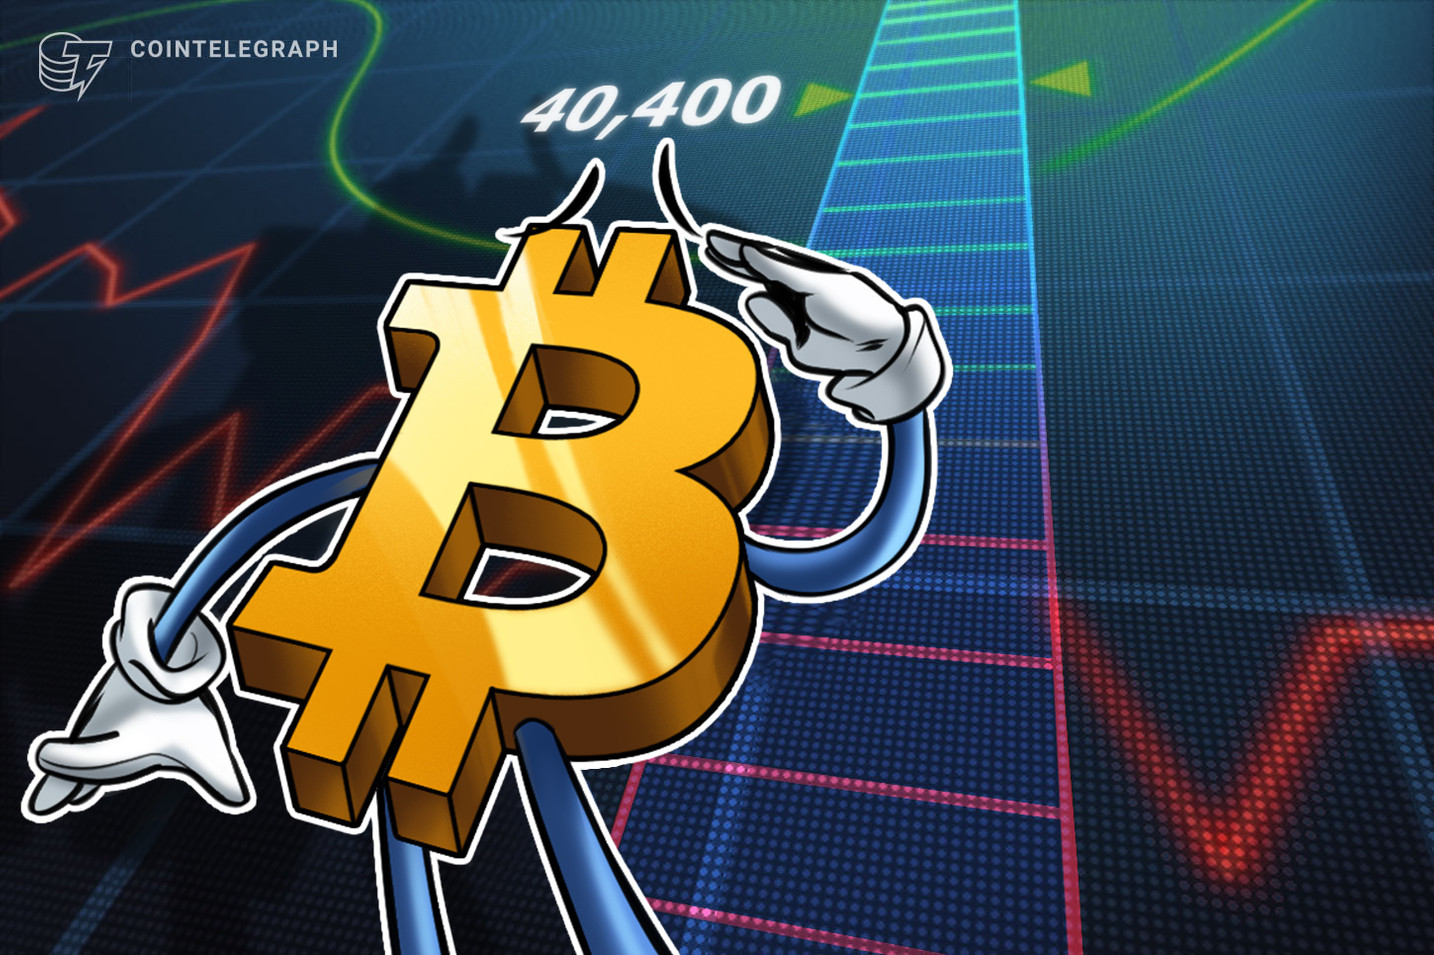 アナリストは、ビットコイン価格の成否のレベルとして$ 40Kを特定します